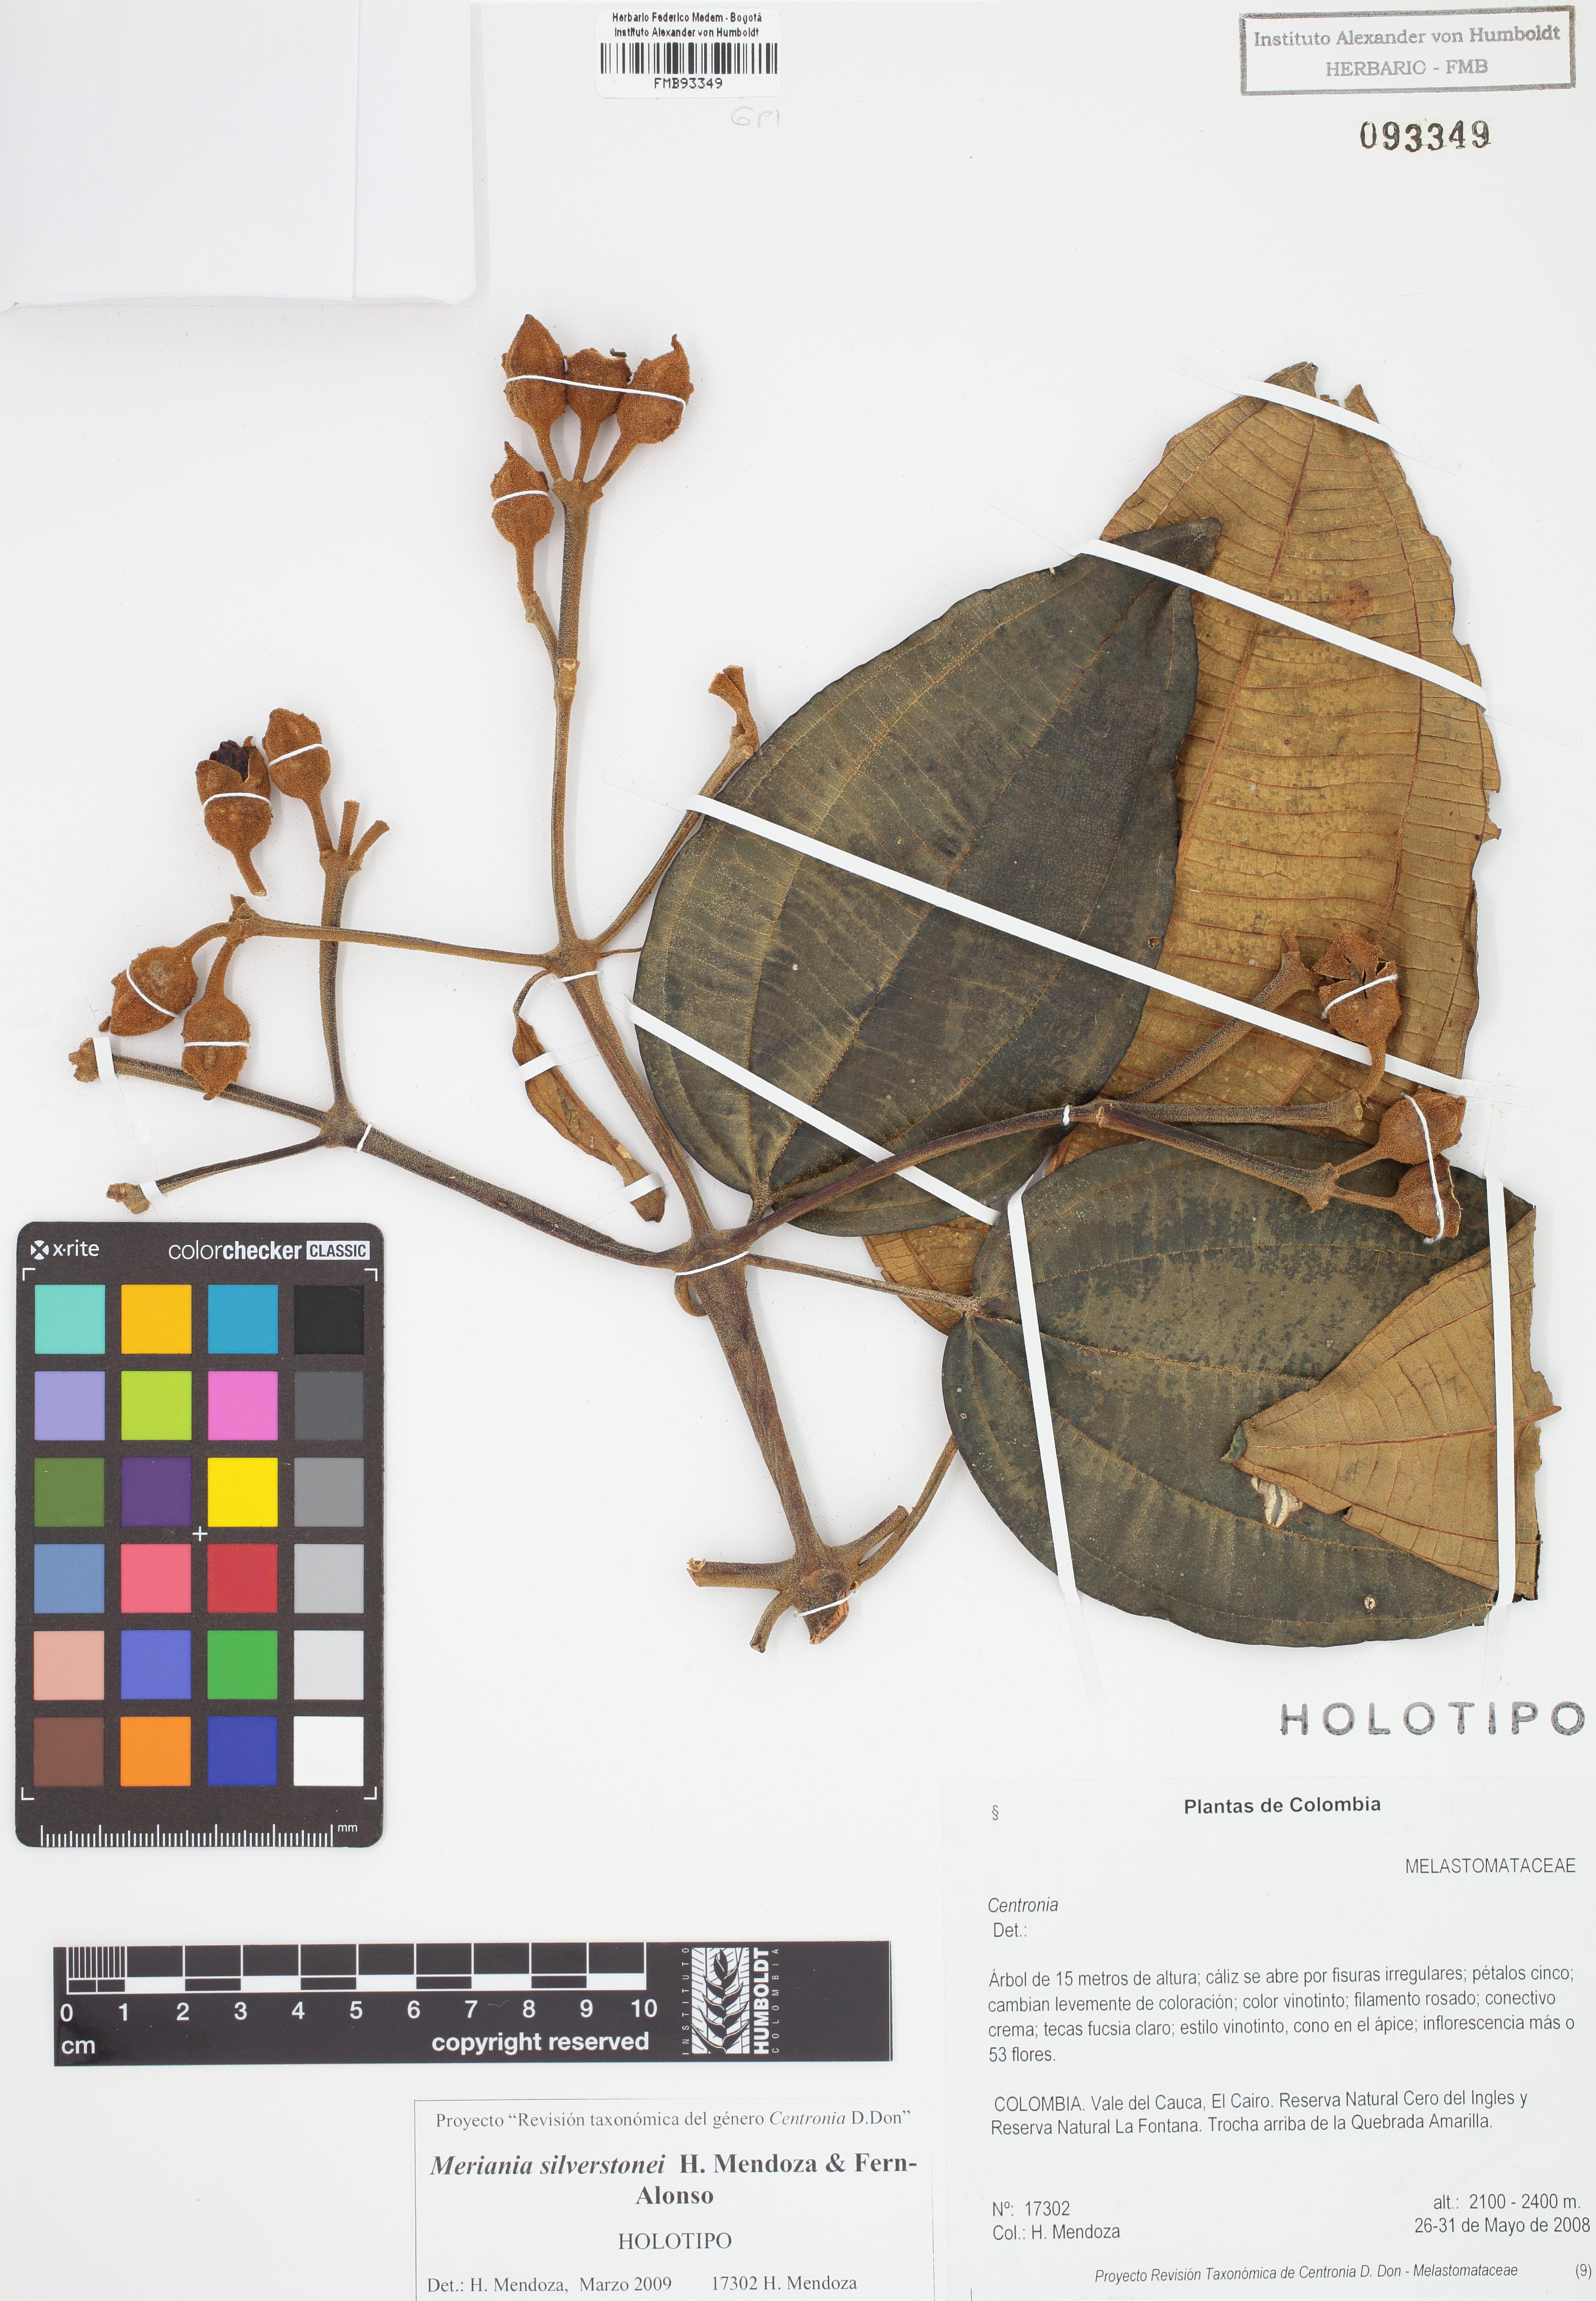 Holotipo de <em>Meriania silverstonei</em>, FMB-93349, Fotografía por Robles A.